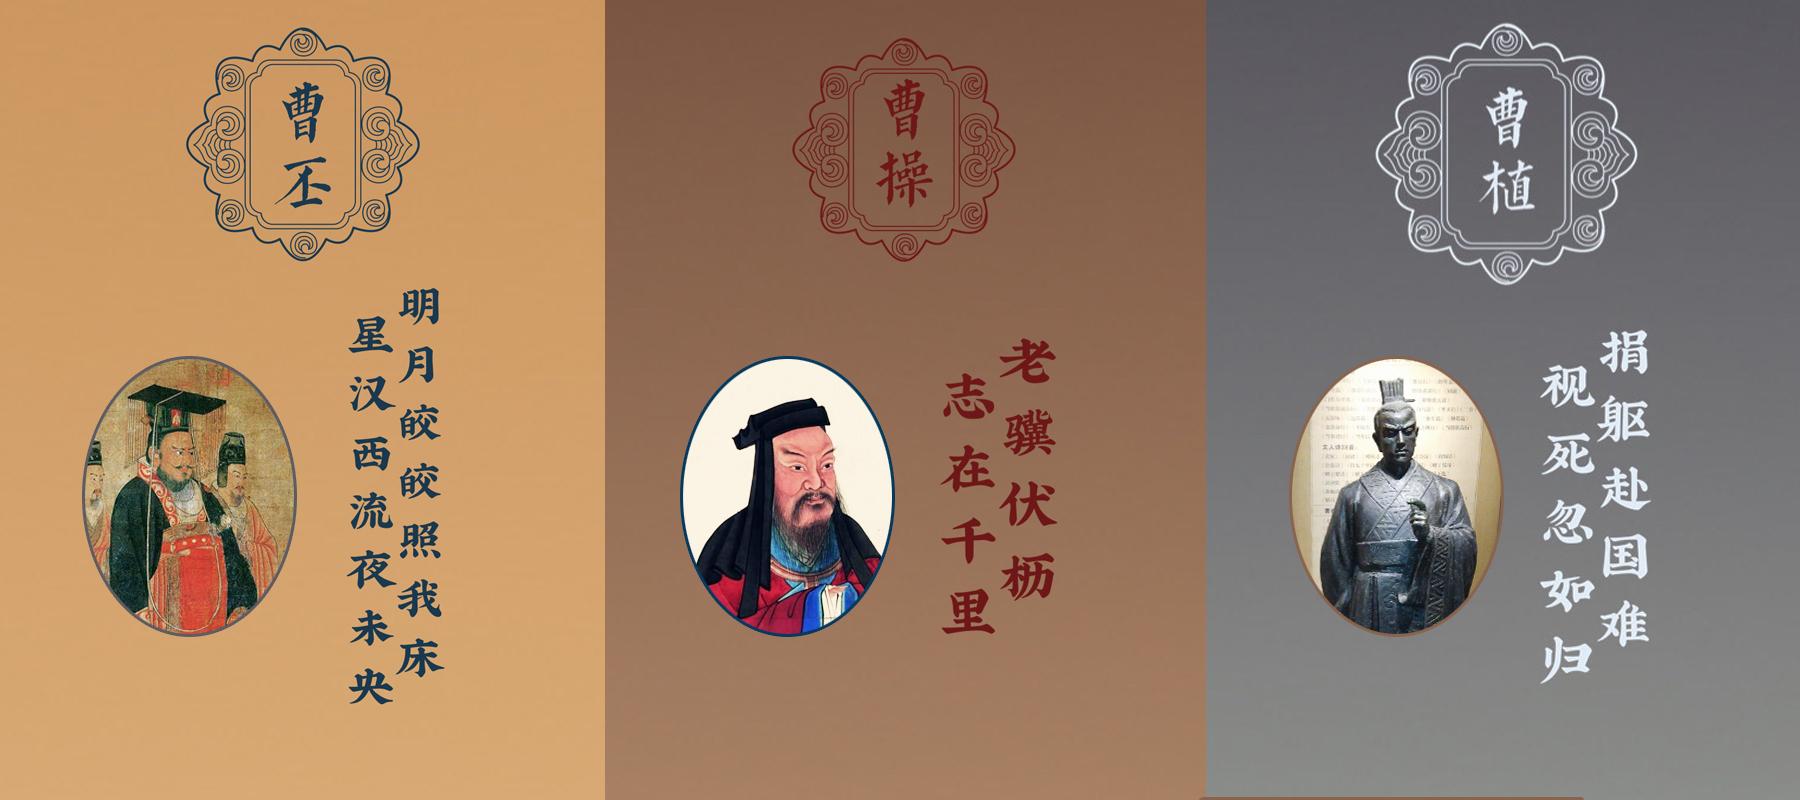 一门三父子文学家——曹操、曹丕、曹植